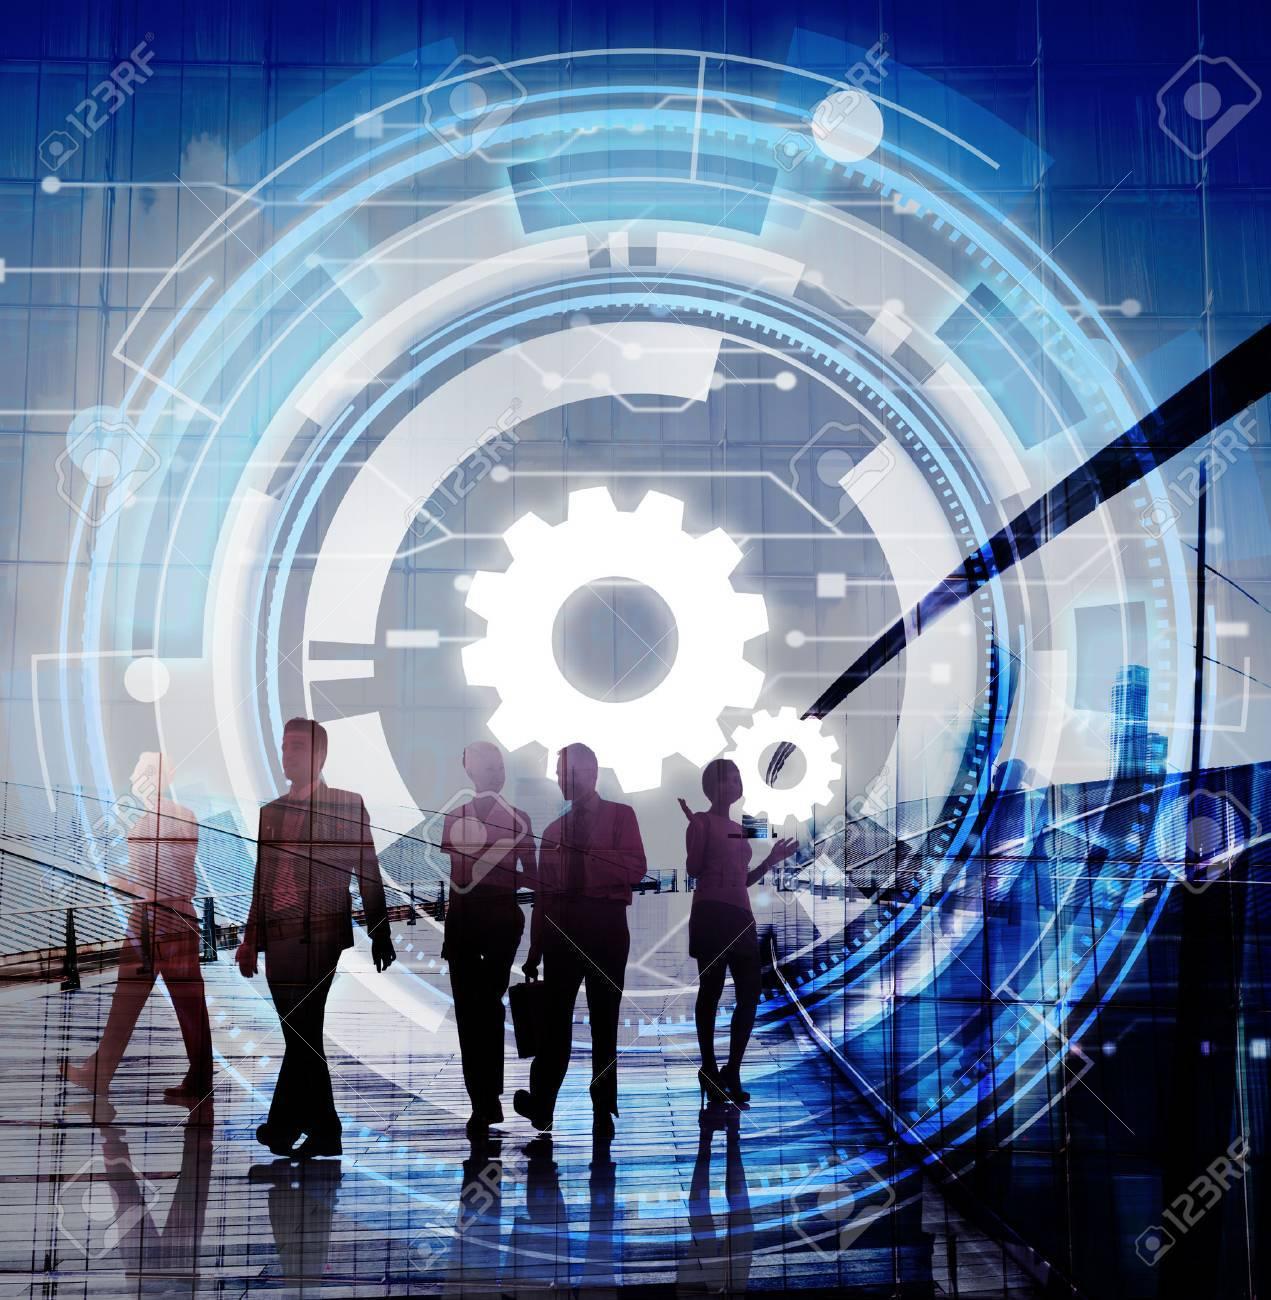 Technologie réseau numérique Cog Travail d'équipe Concept Banque d'images - 58056004